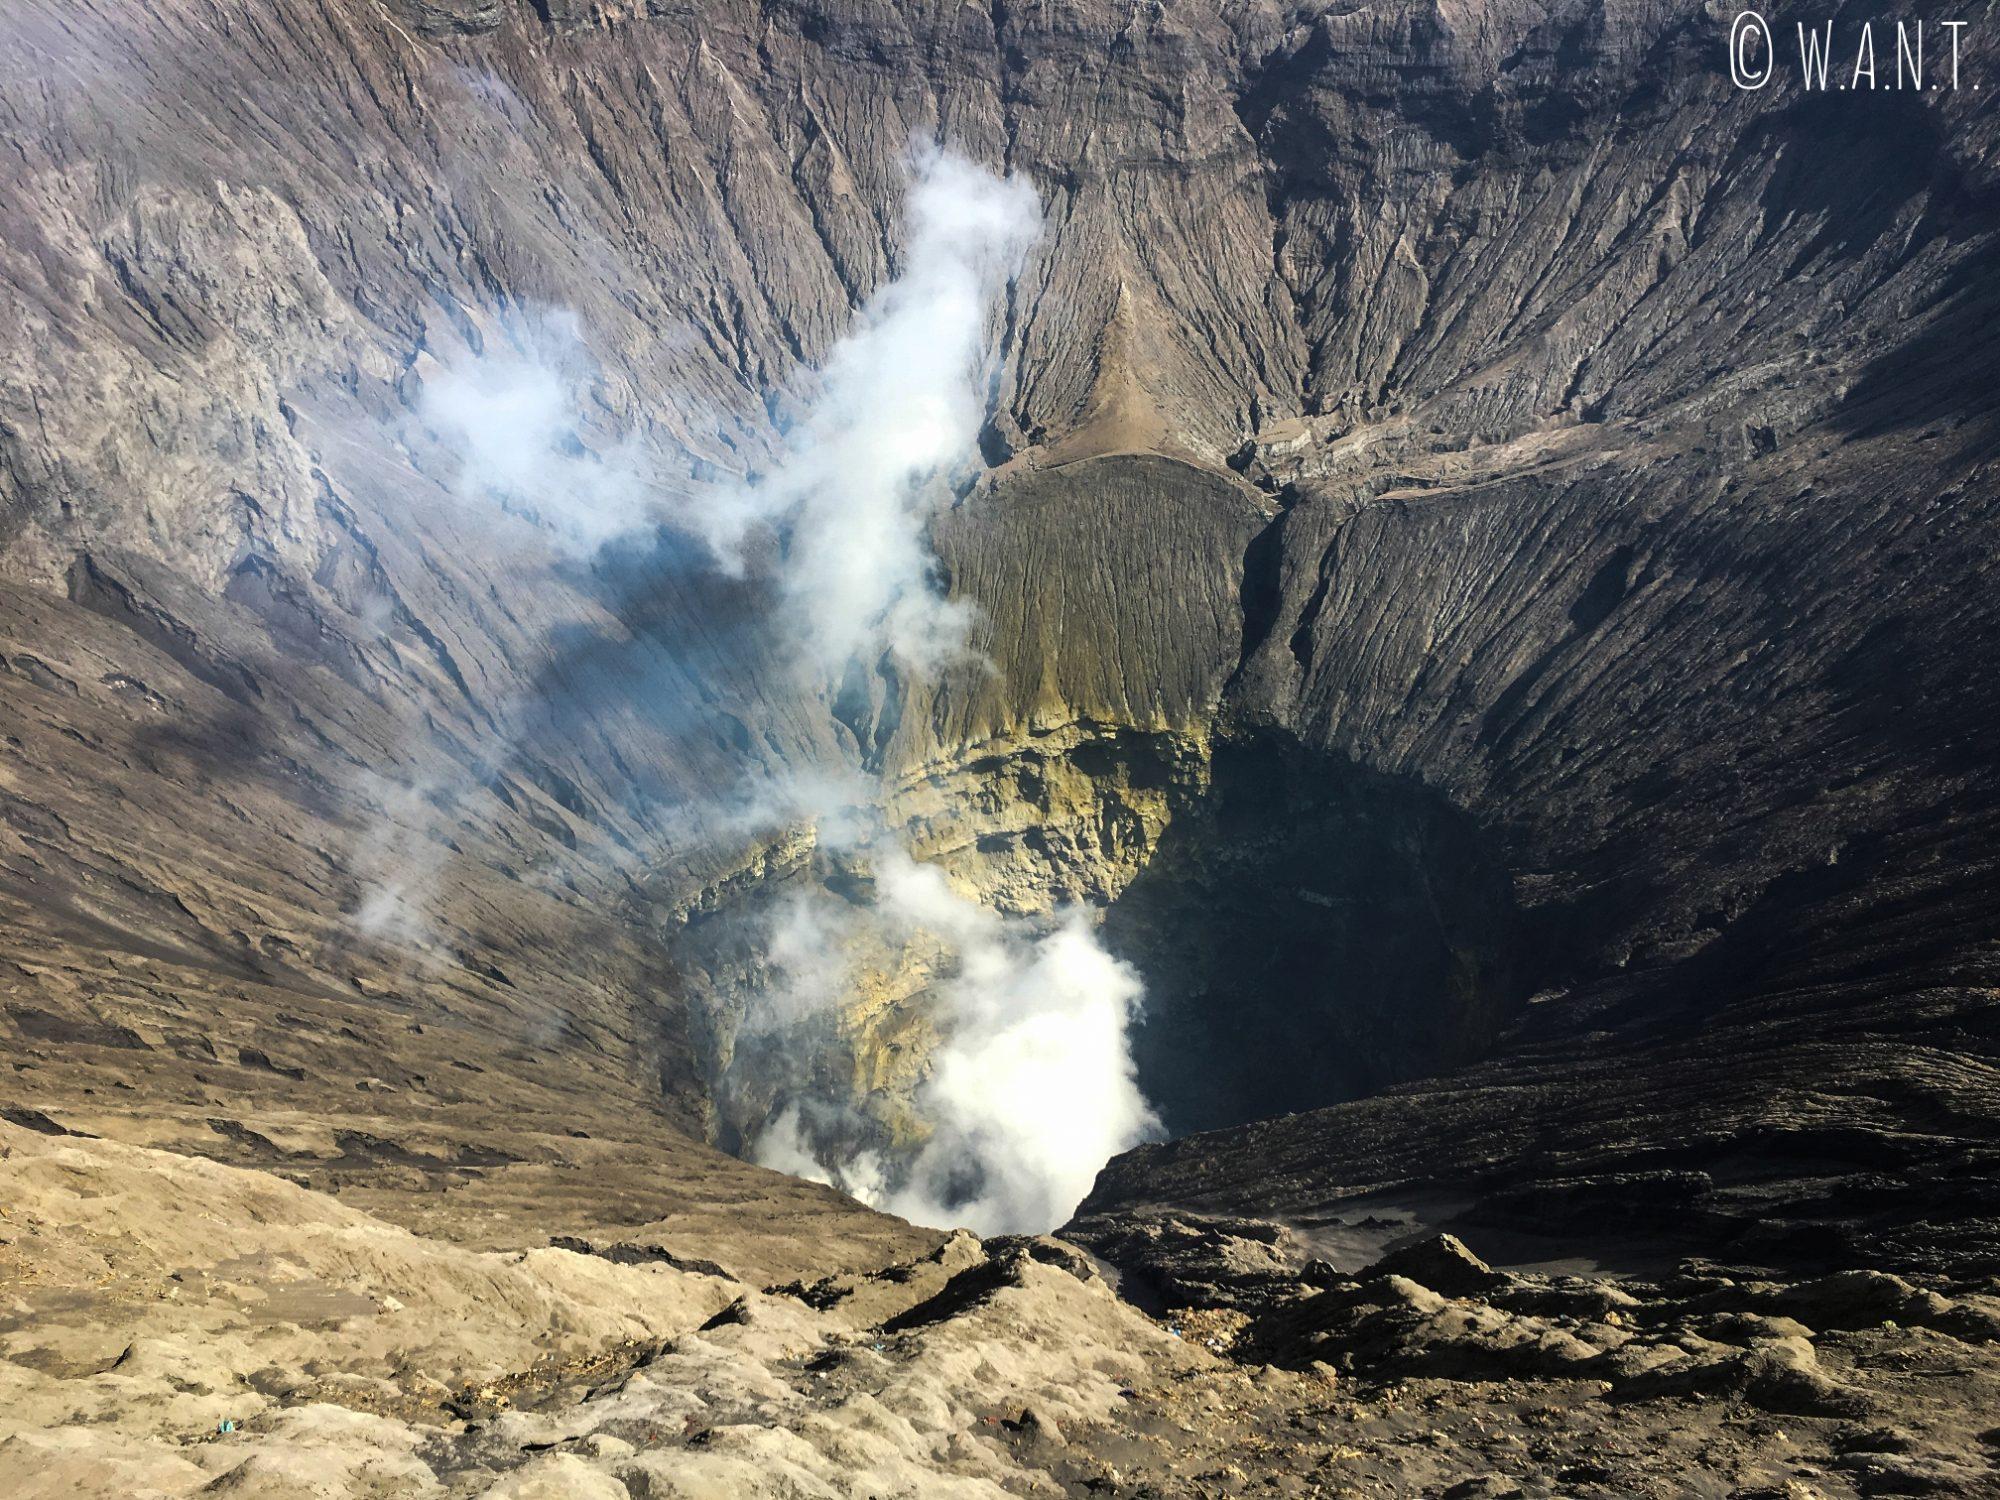 La fumée s'échappe du cratère du Bromo